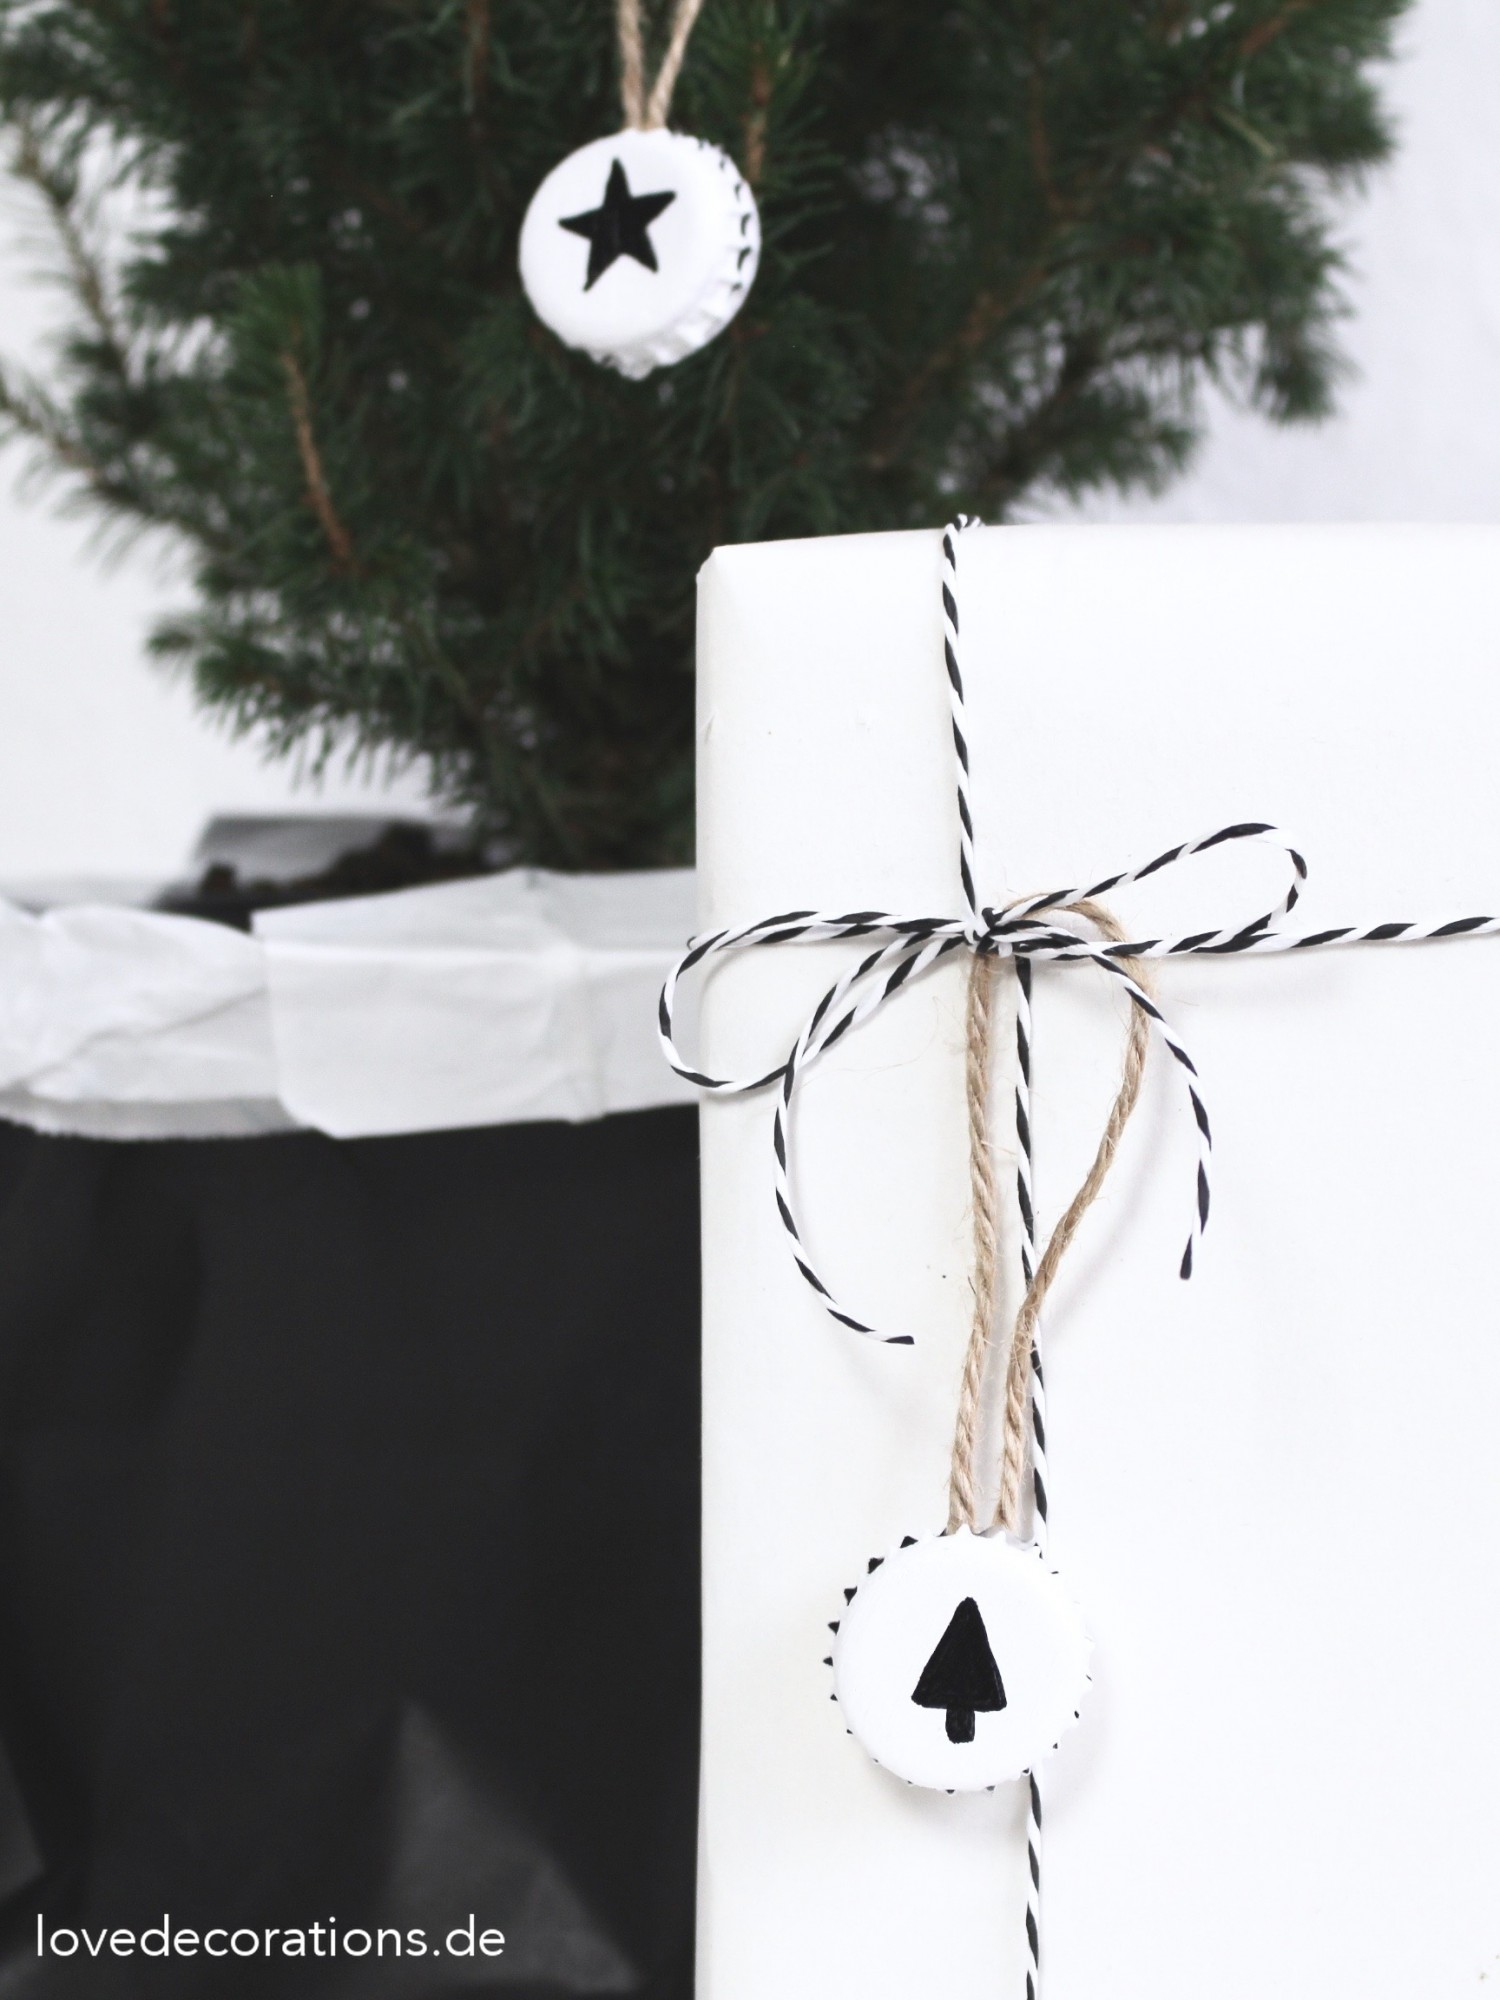 diy-weihnachtsanhaenger-aus-kronkorken-3